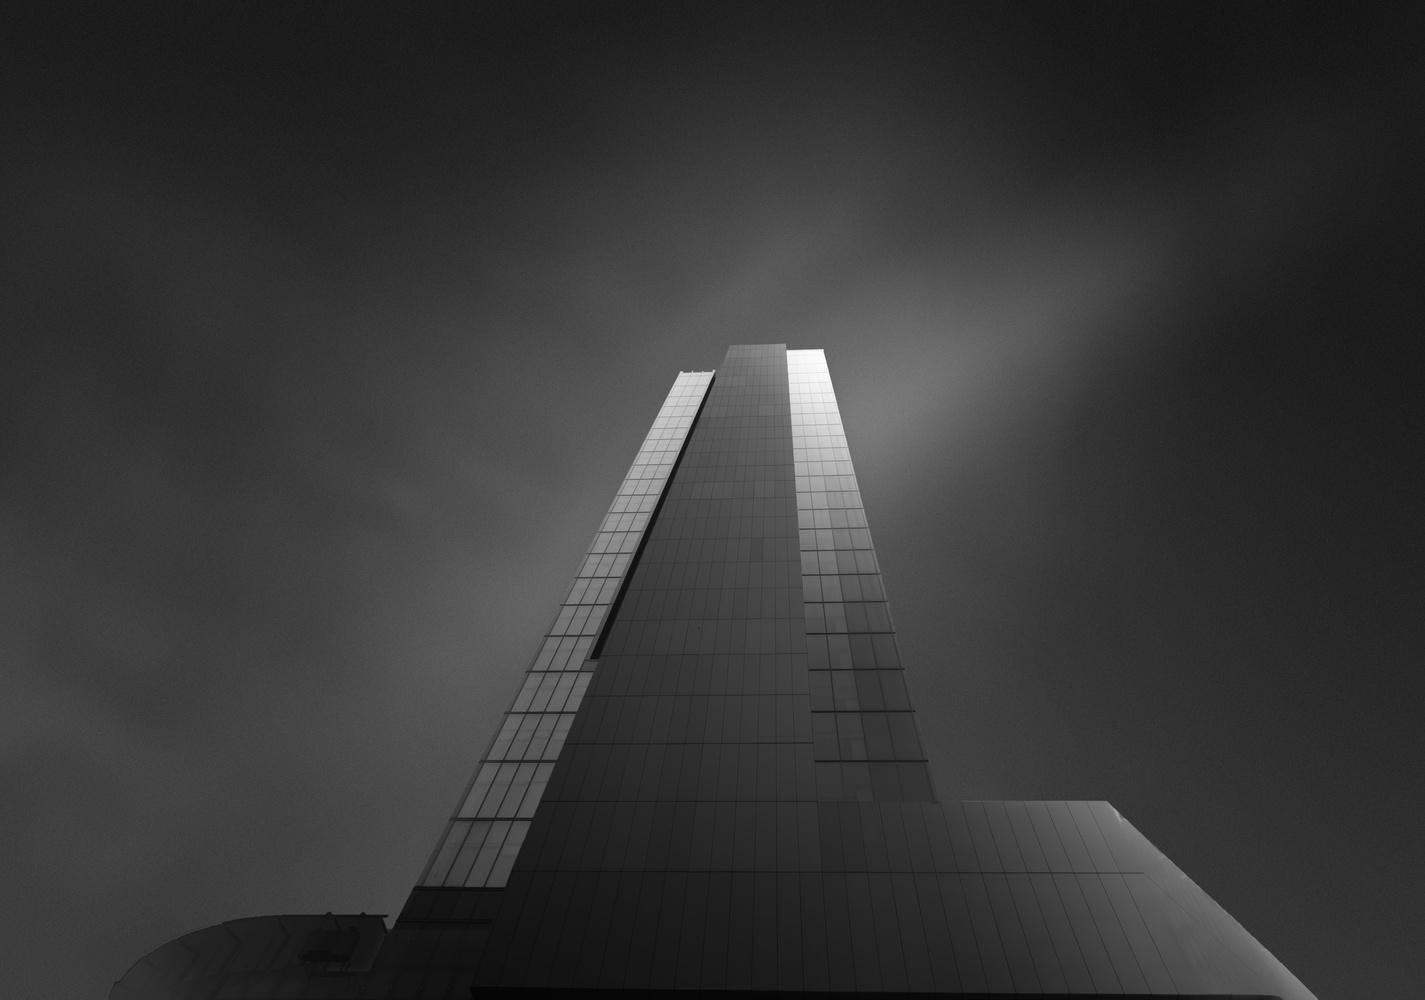 Untitled 5 by Amirhossein Naghian